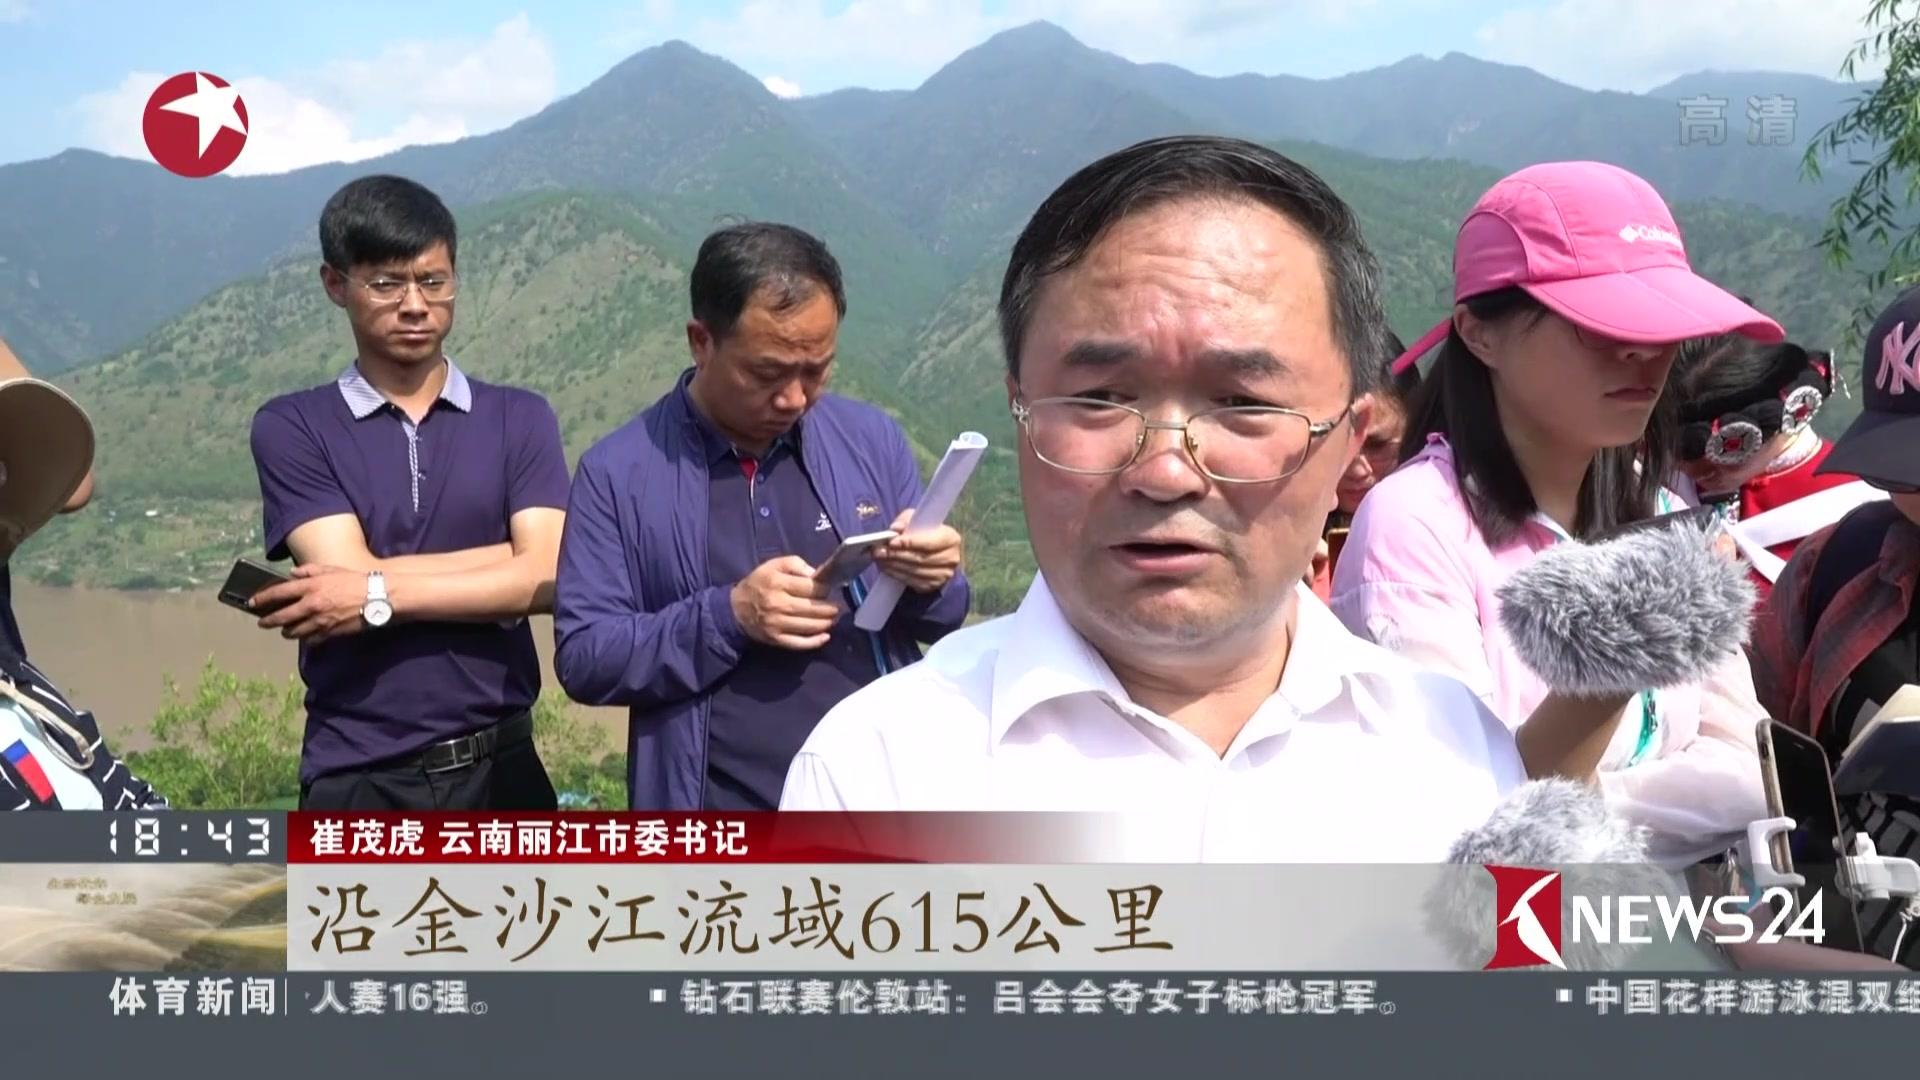 大江奔流:丽江石鼓镇绿色屏障展现民生之美